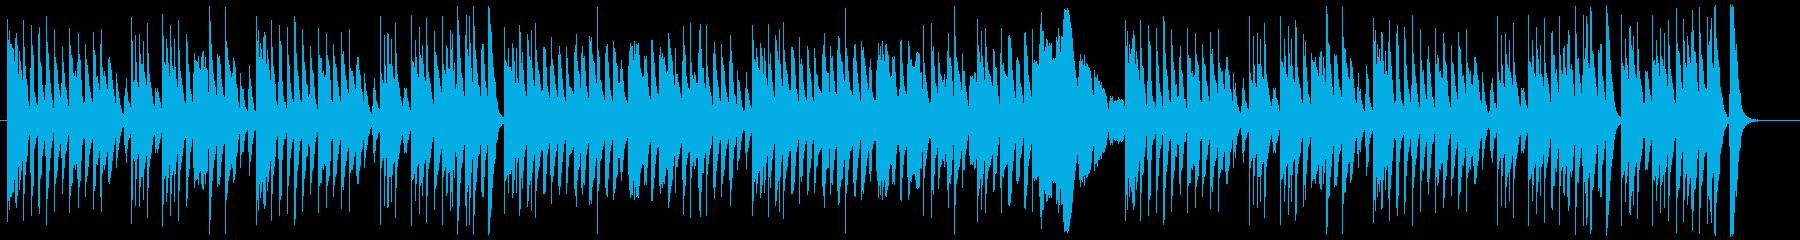 ドタバタコメディー調の木琴とピアノの再生済みの波形